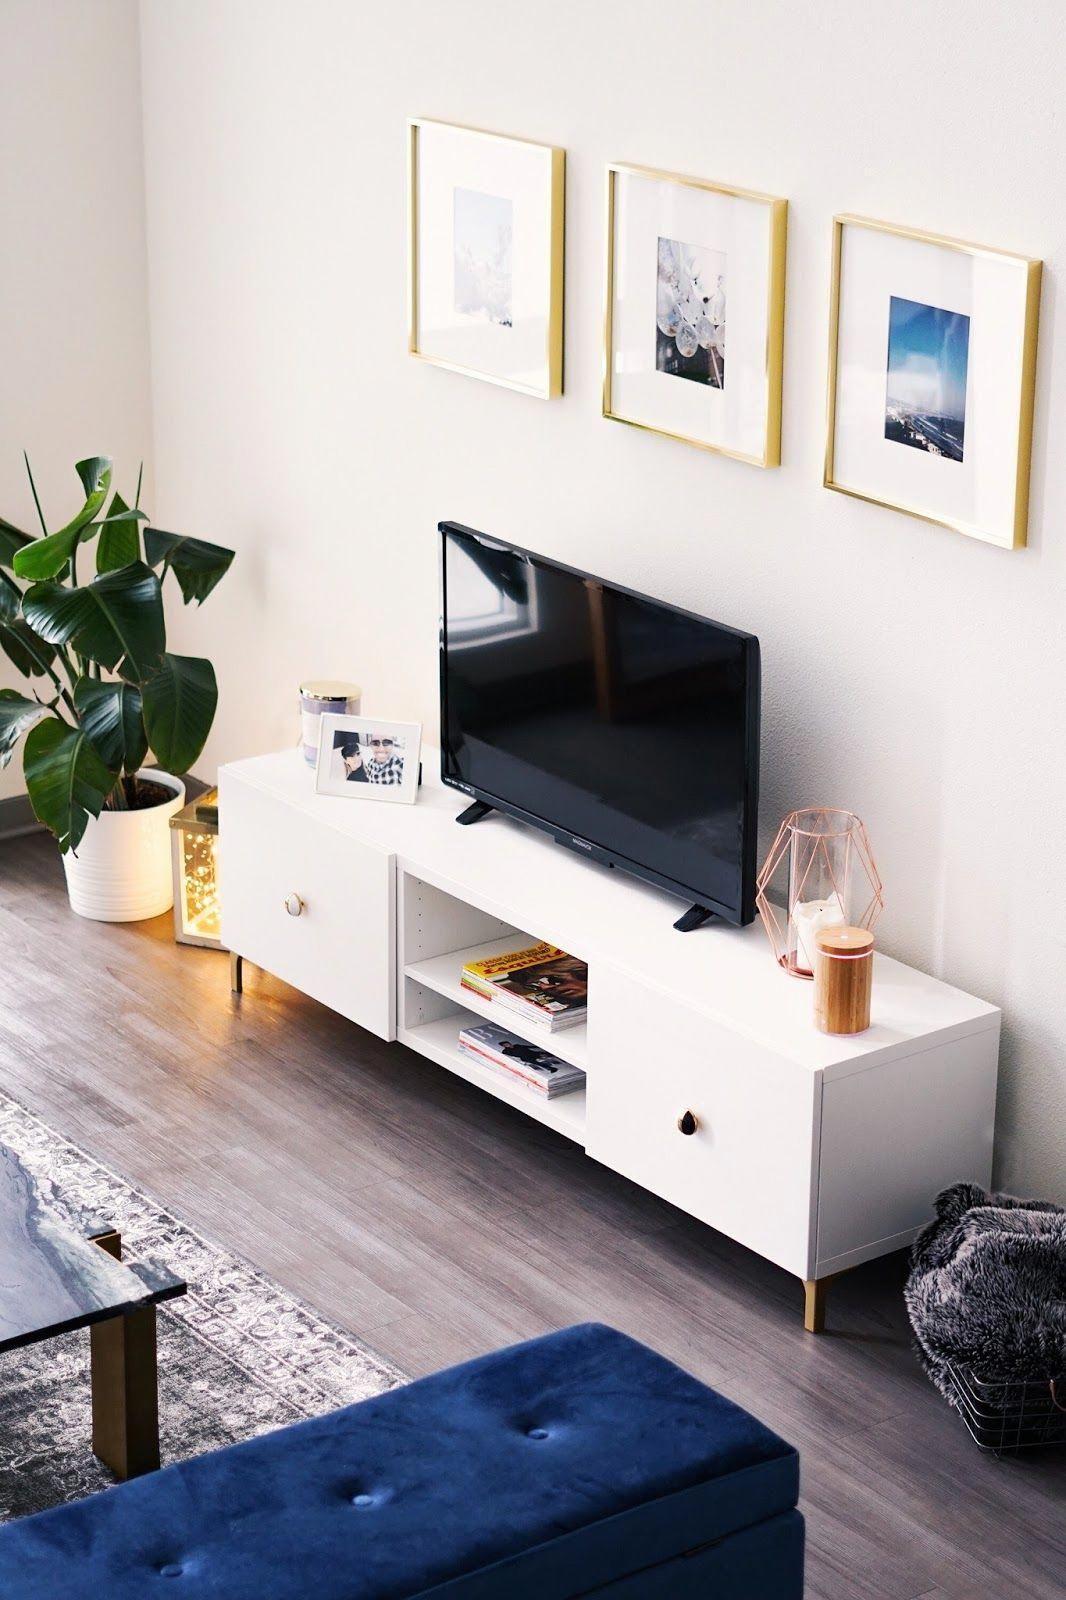 Ikea Living Room Ideas 2019